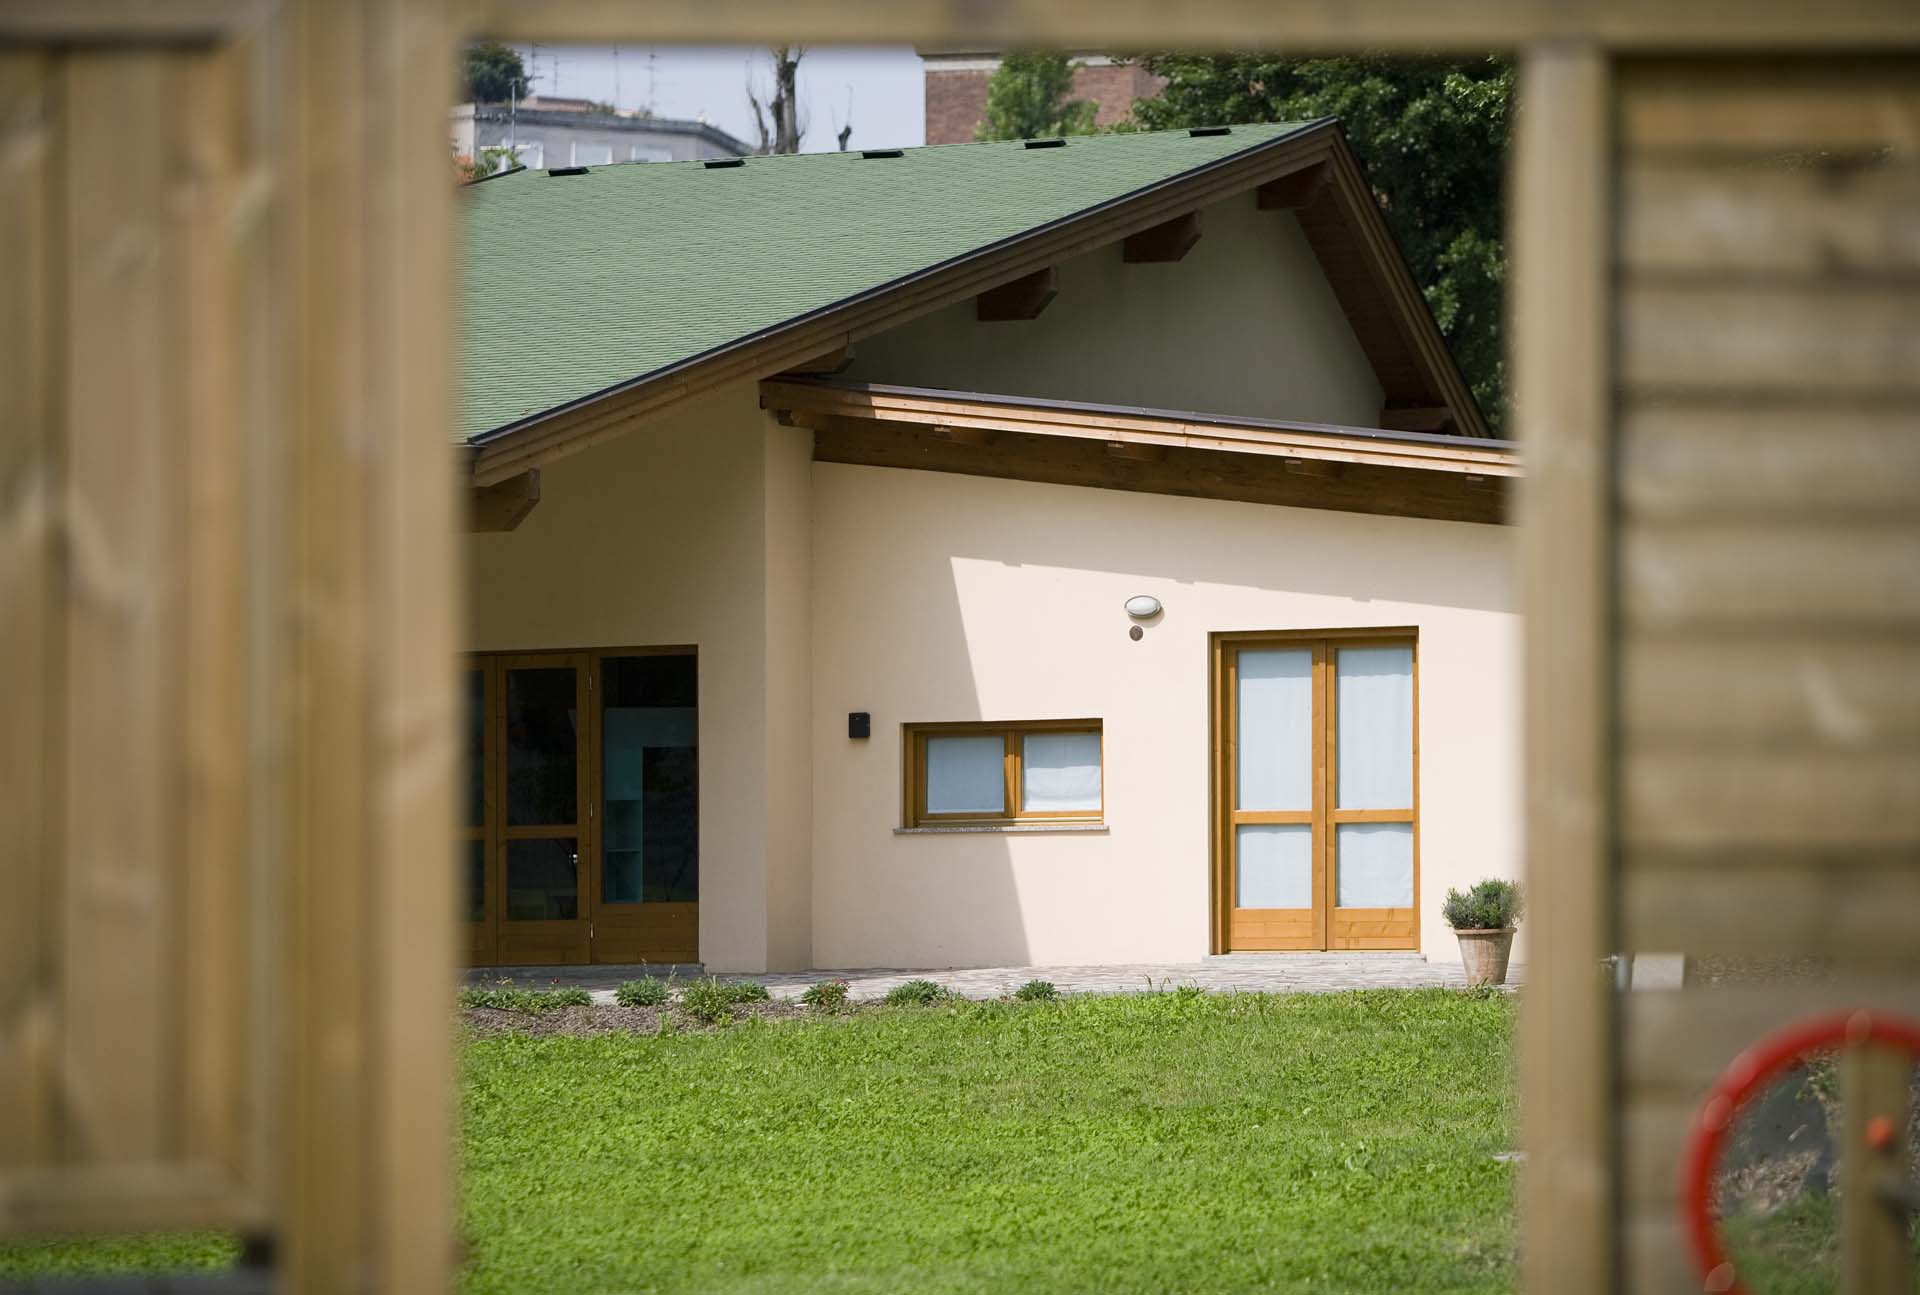 Modelli ille case in legno tecnologia esperienza ed for Casa tradizionale tedesca